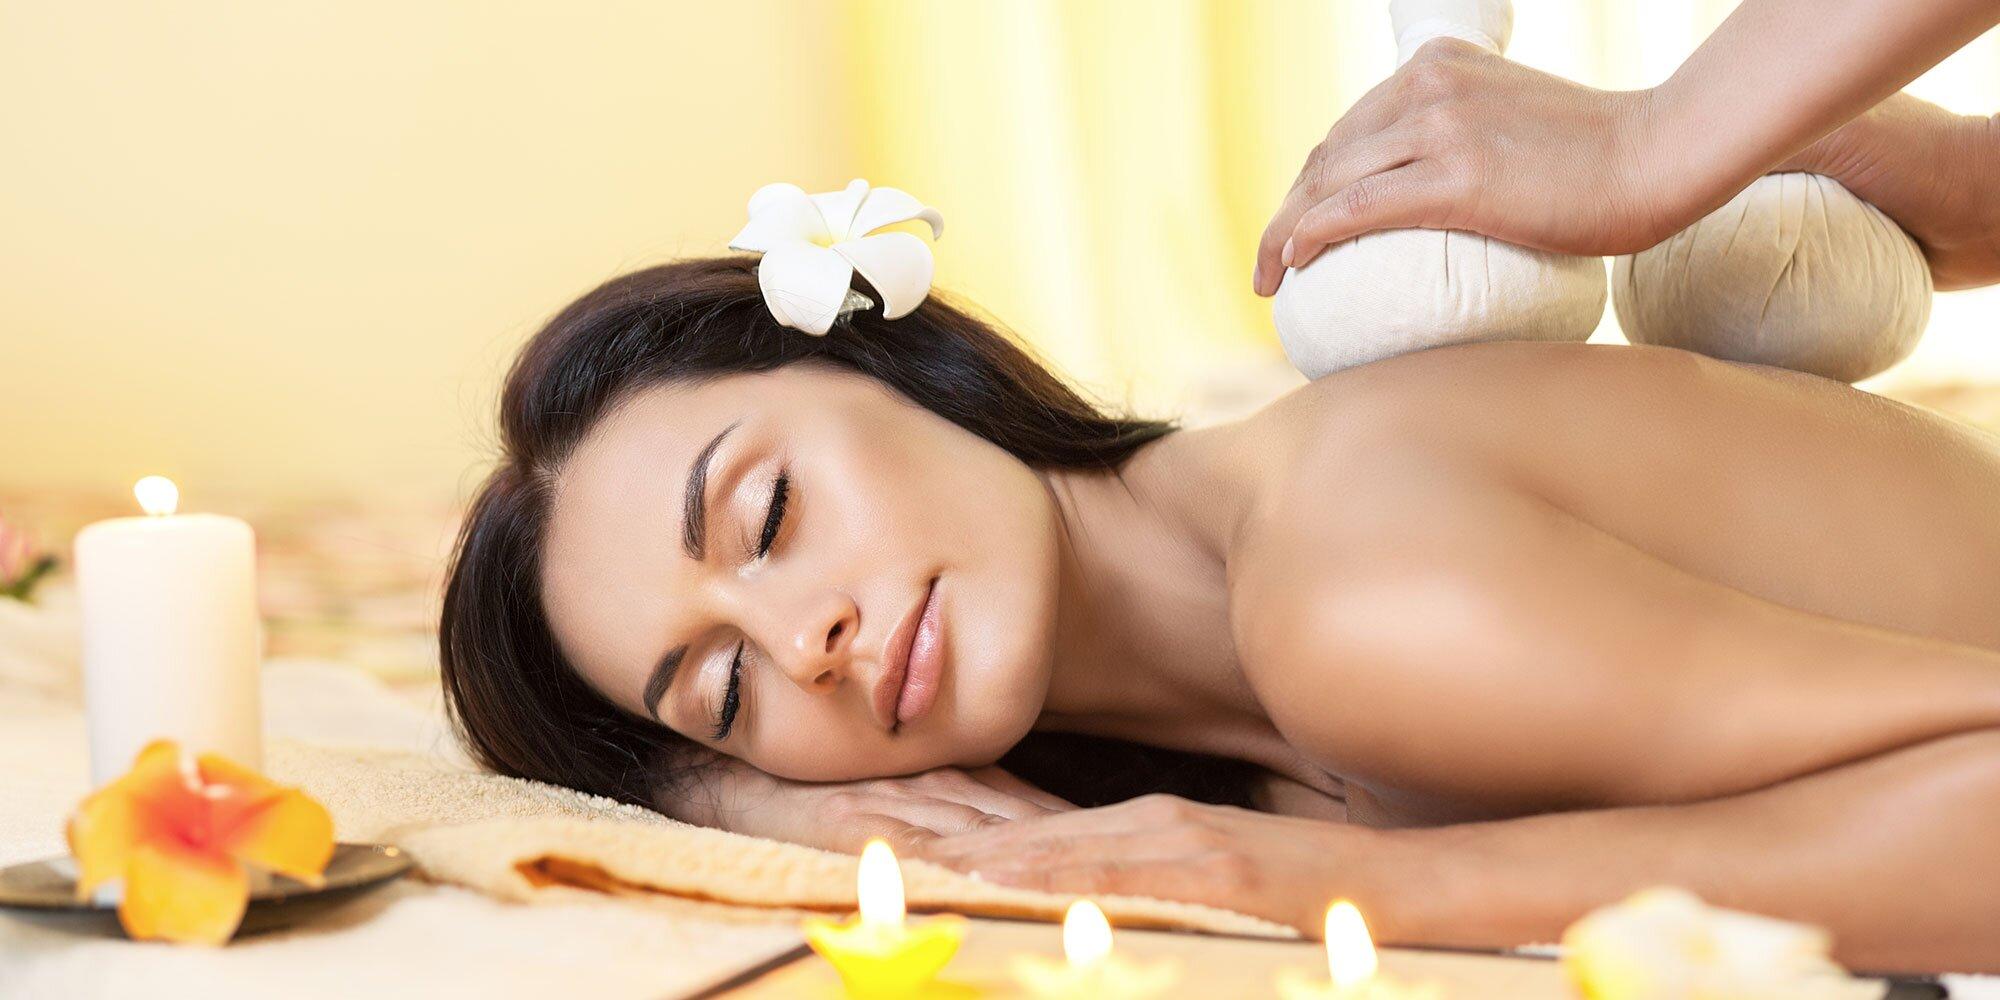 Фото девушек на массажном, Порно массаж, фото секса с массажистом а массажном 29 фотография